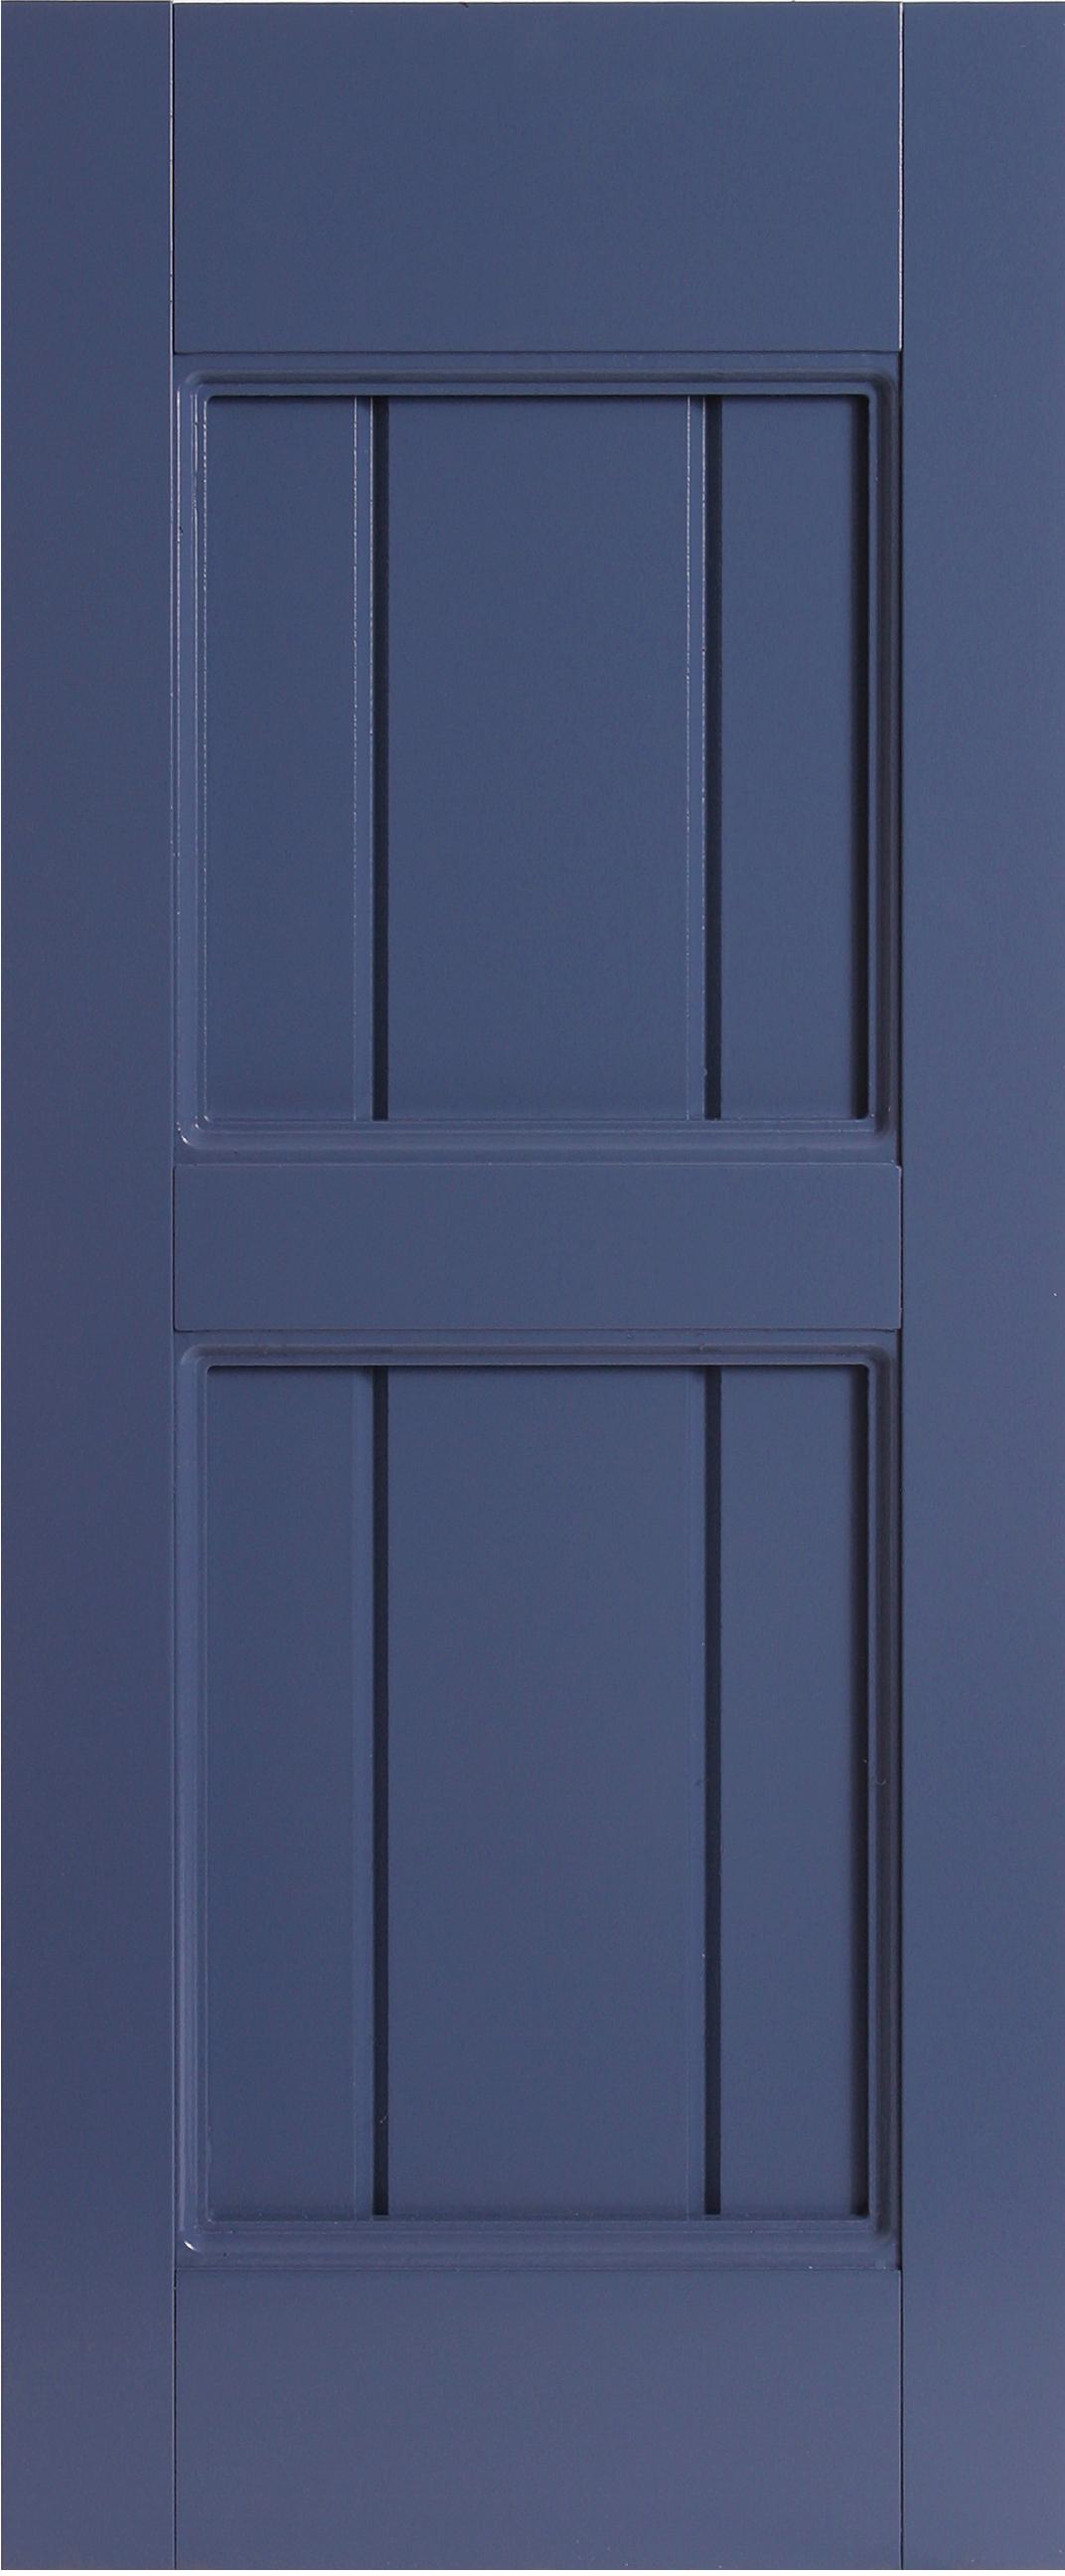 framed board batten exterior shutters shutters composite